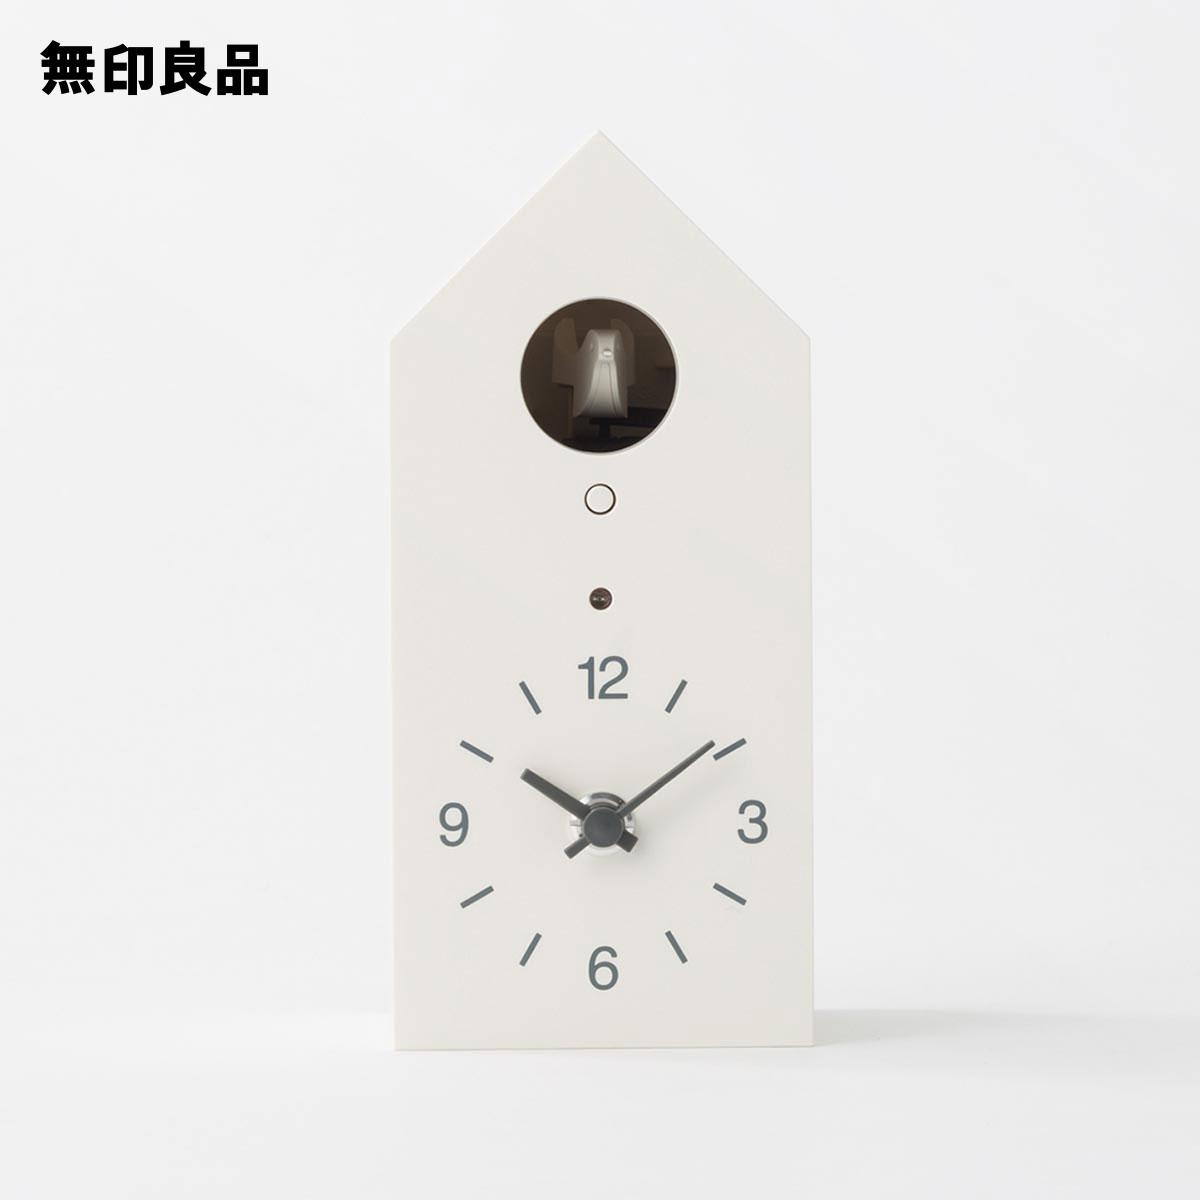 無印良品 公式 ホワイト 鳩時計 専門店 激安セール